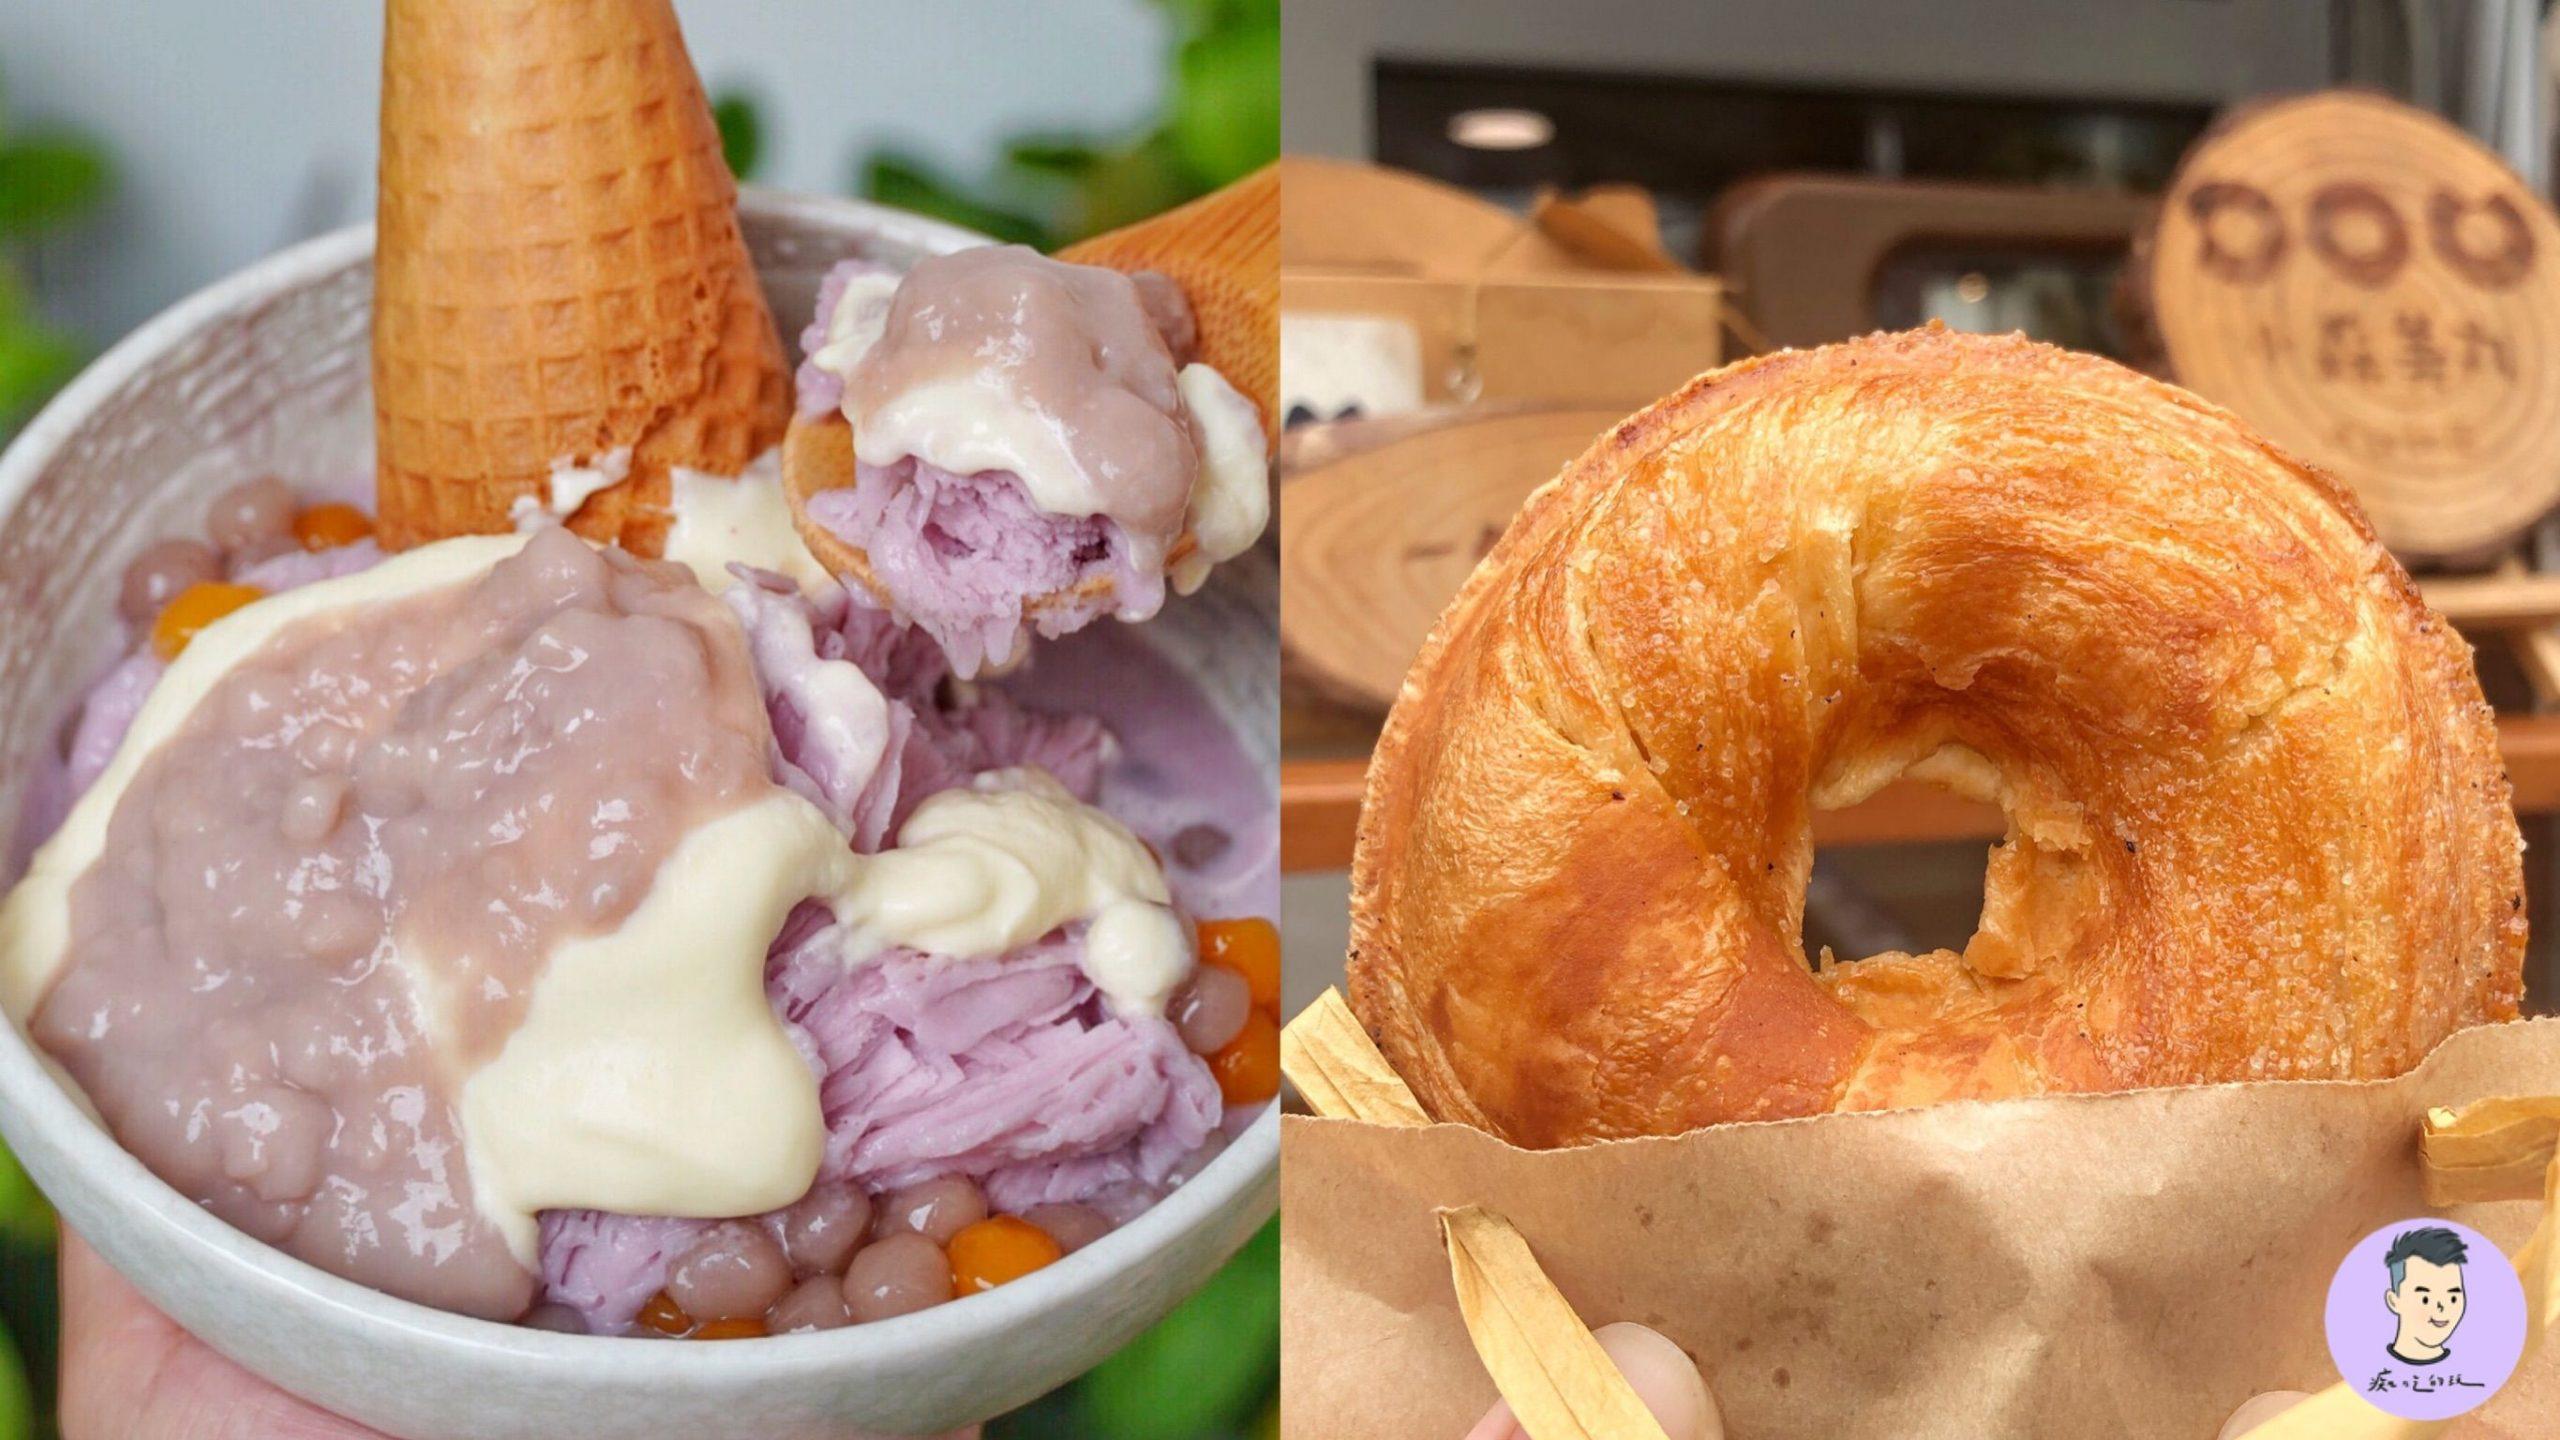 【台南美食】國華街新開的超美芋頭雪花冰!還有賣現烤甜甜圈 下午茶名單又多一間 – 我在美冰